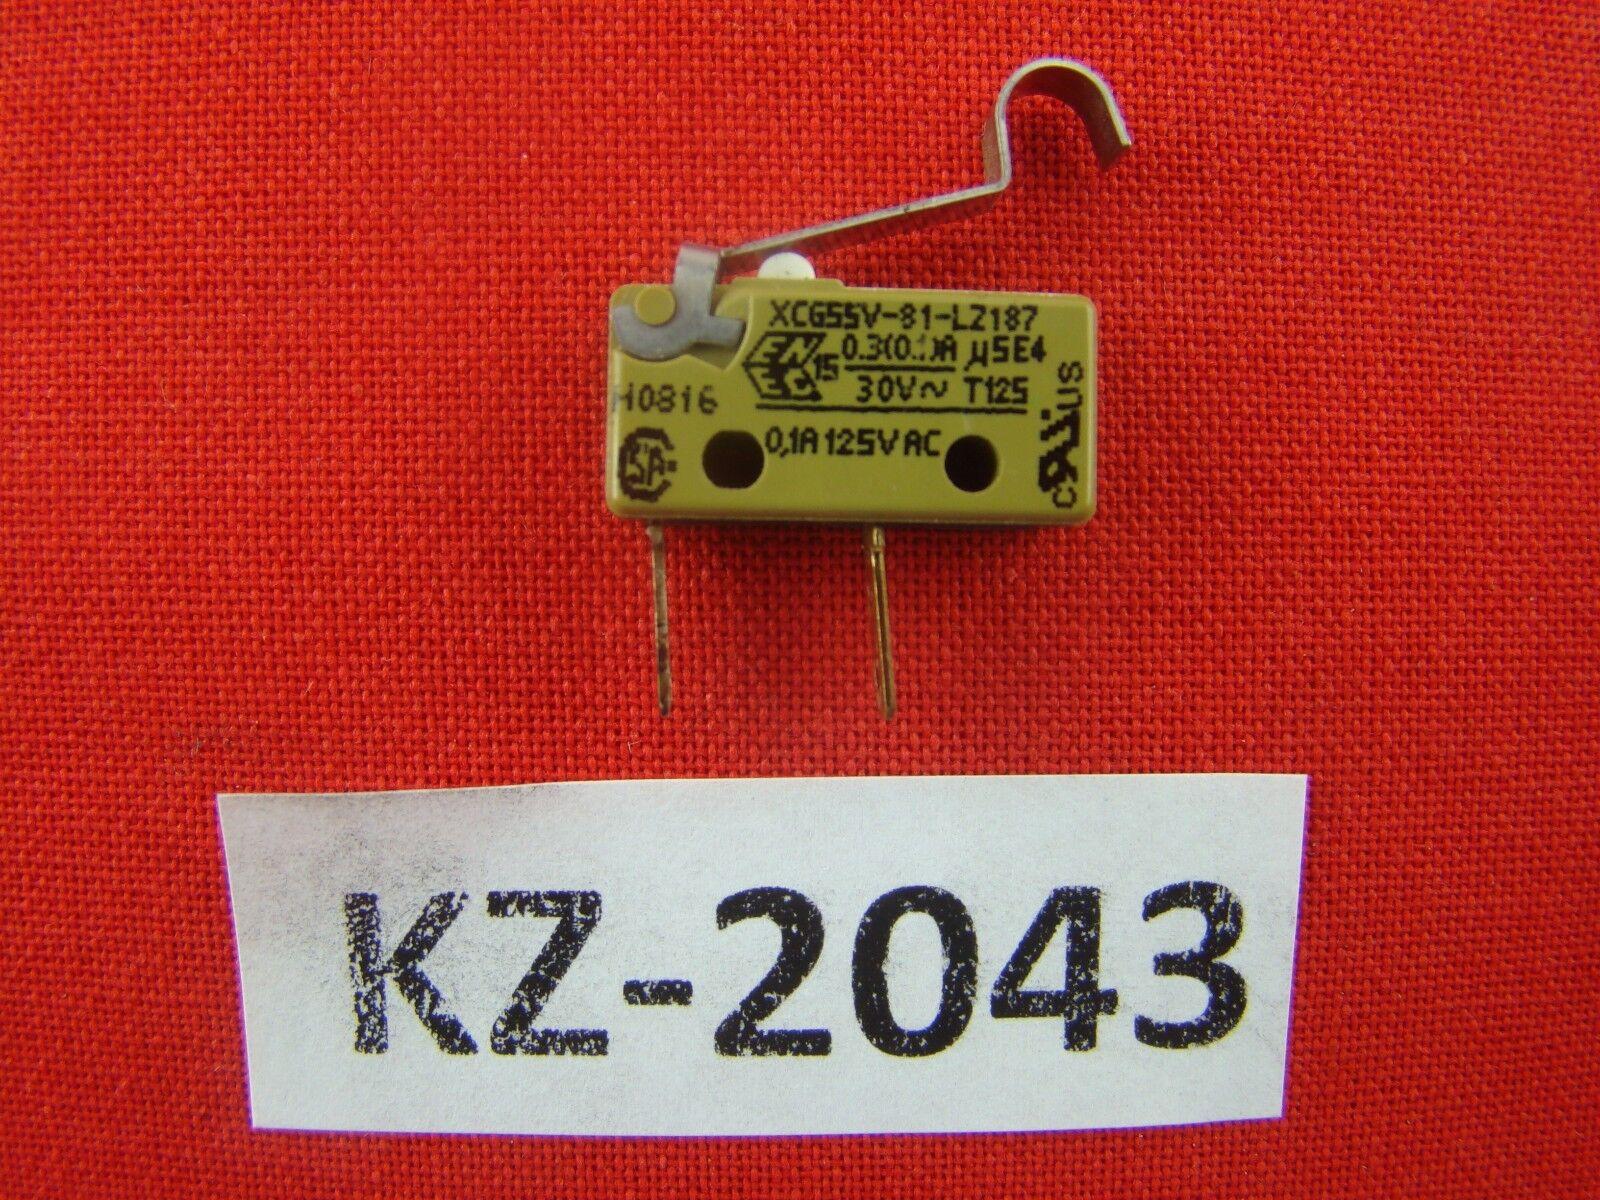 Saia xcg55v-81-lz187 Micro Switch Switch Flag MICROSIEMENS SURPRESSO  kz-2043